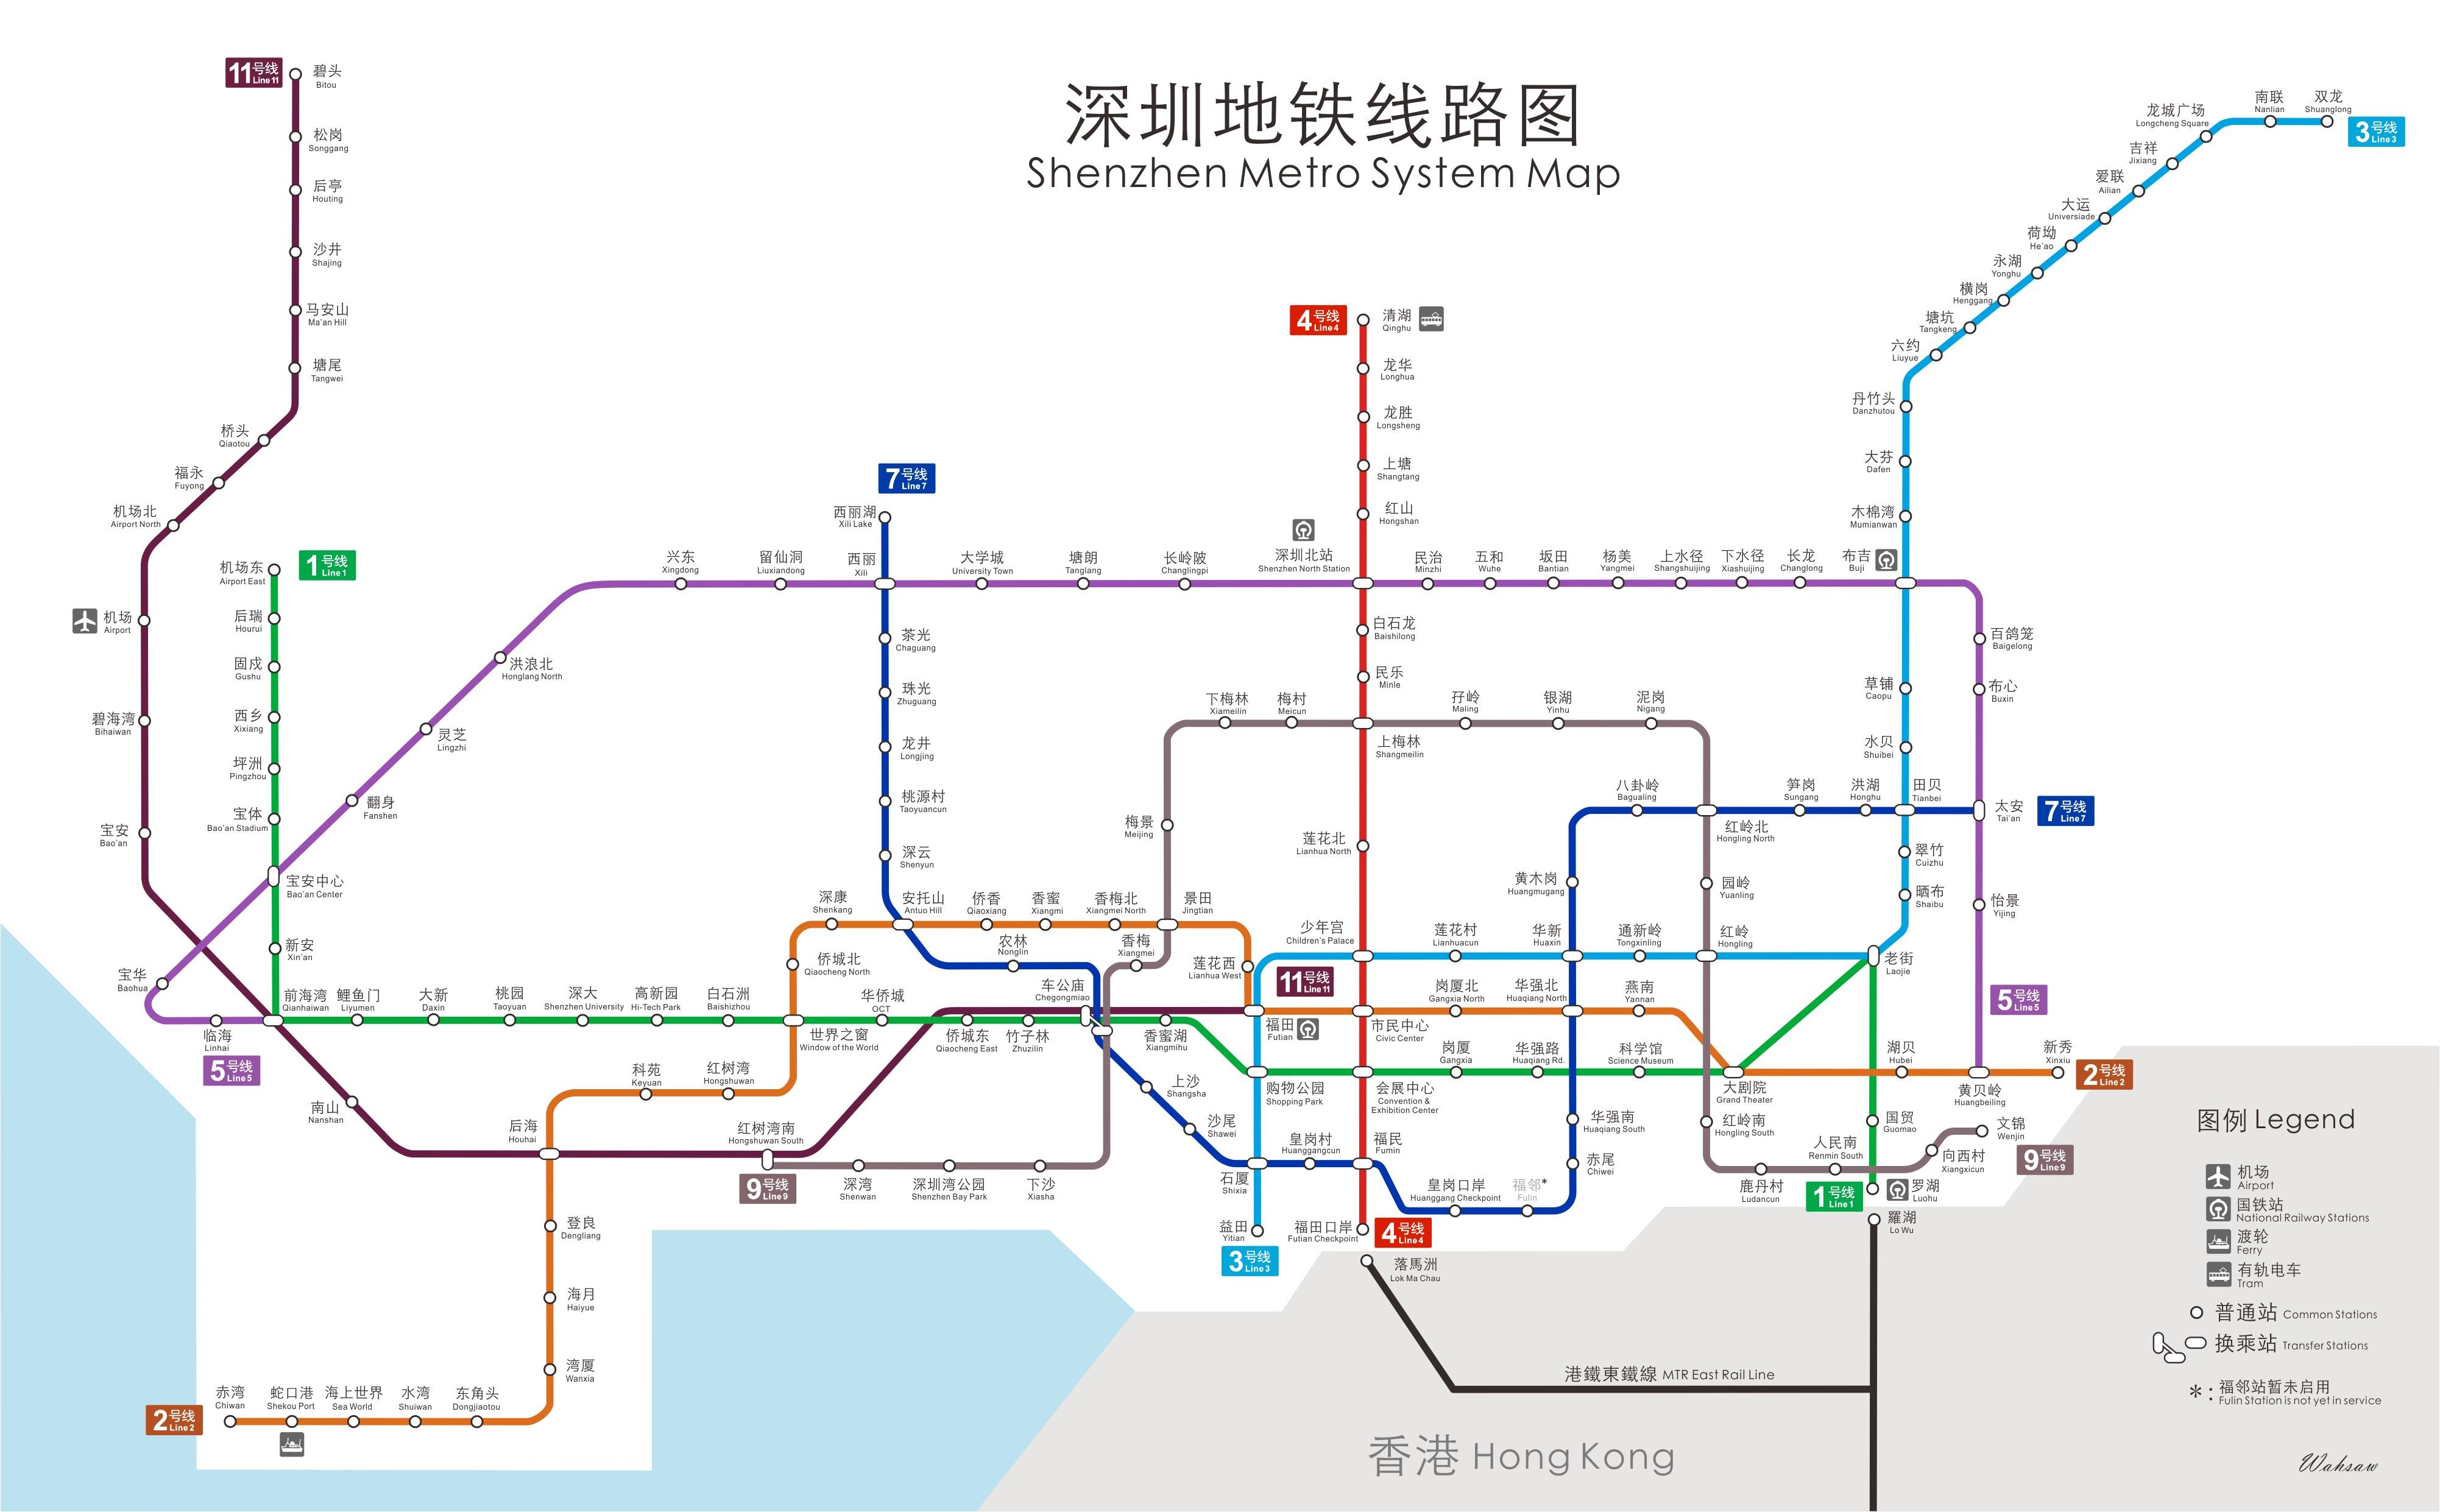 地鐵 | [組圖+影片] 的最新詳盡資料** (必看!!) - www.go2tutor.com